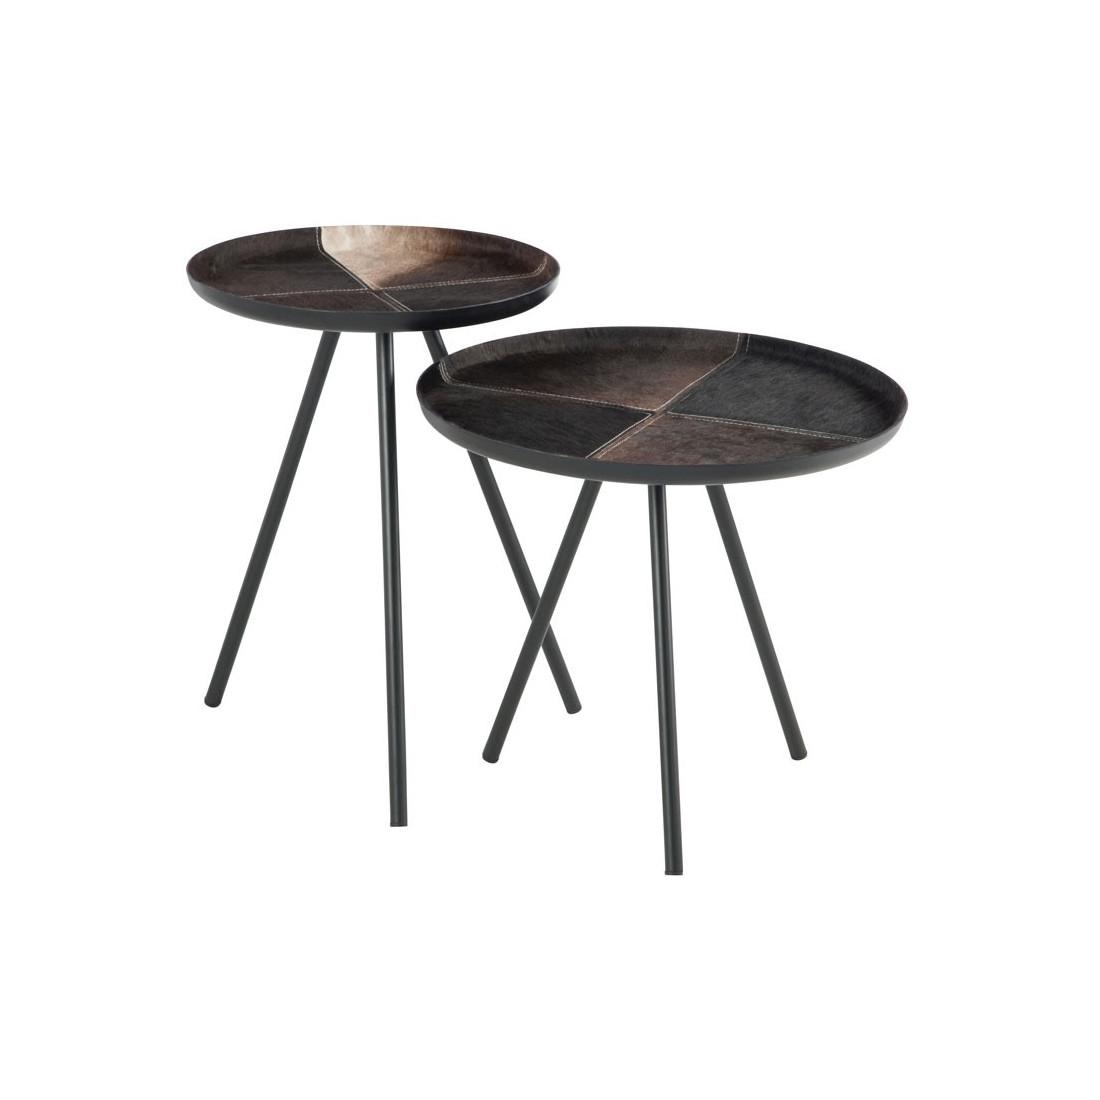 tables d 39 appoint m tal noir peau bisco univers des petits meubles. Black Bedroom Furniture Sets. Home Design Ideas